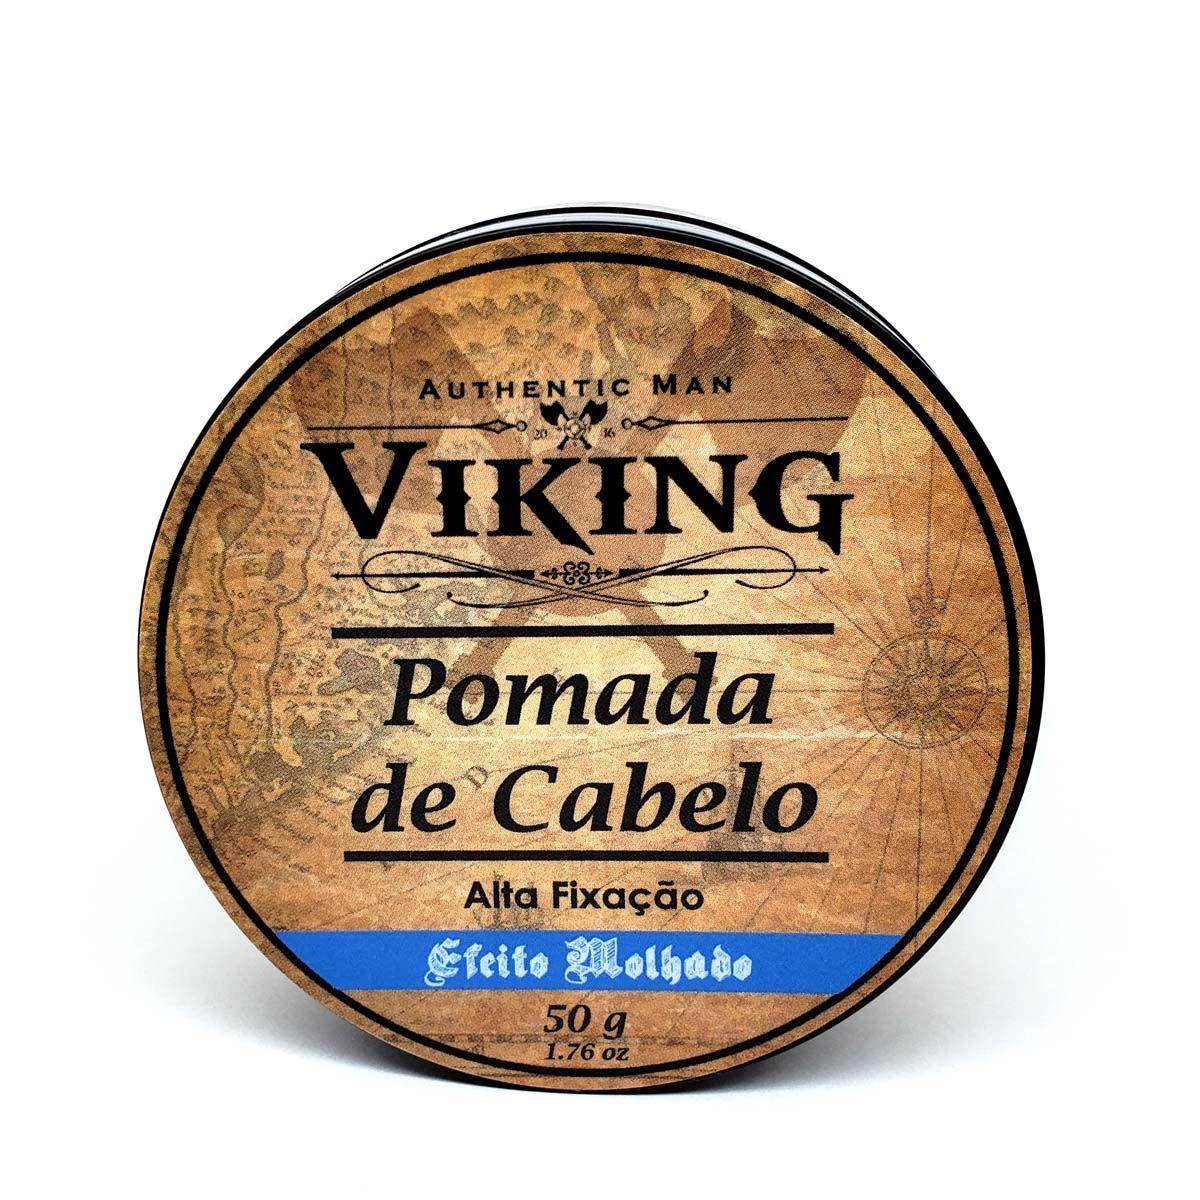 403776a98 Pomada de Cabelo - Efeito Molhado - Viking - Viking ...